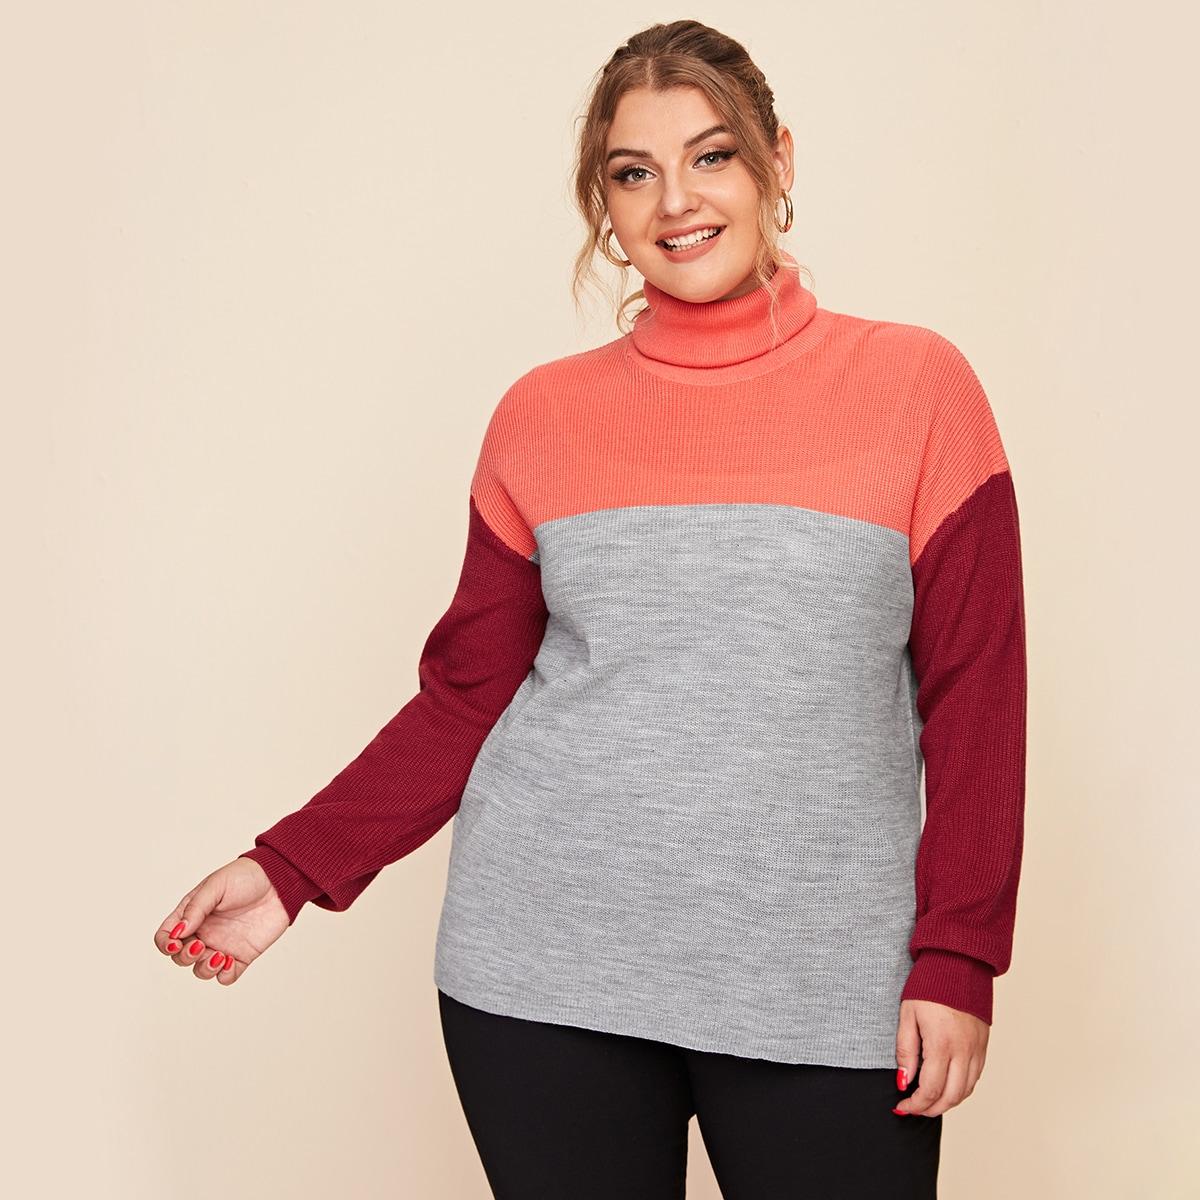 Шнуровка контрастный цвет повседневный свитер размер плюс